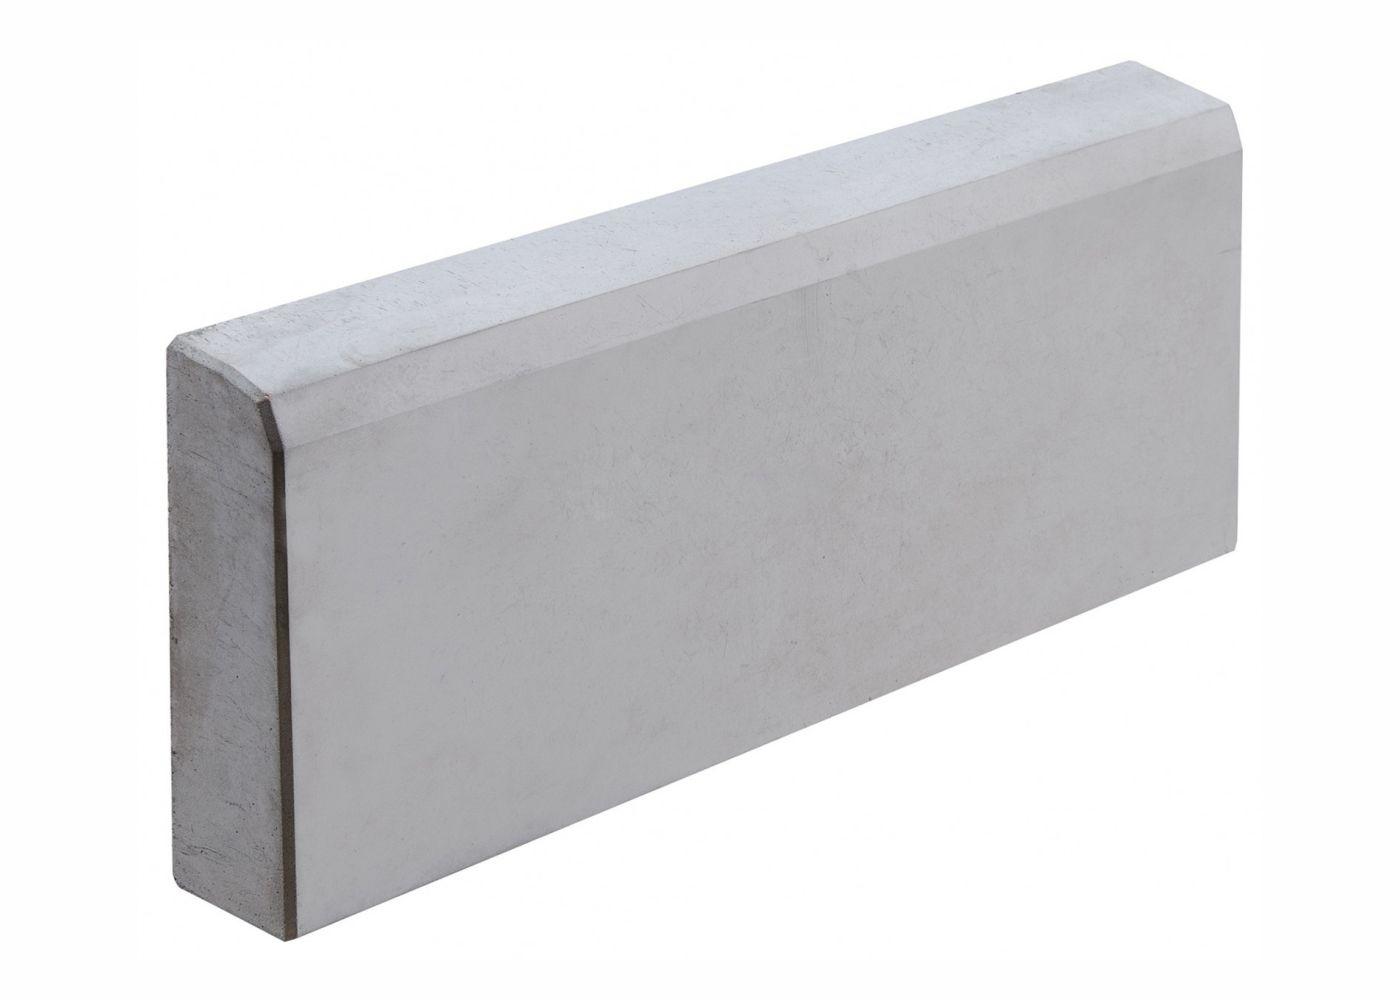 Бордюр садовый серый 500x205x30 мм